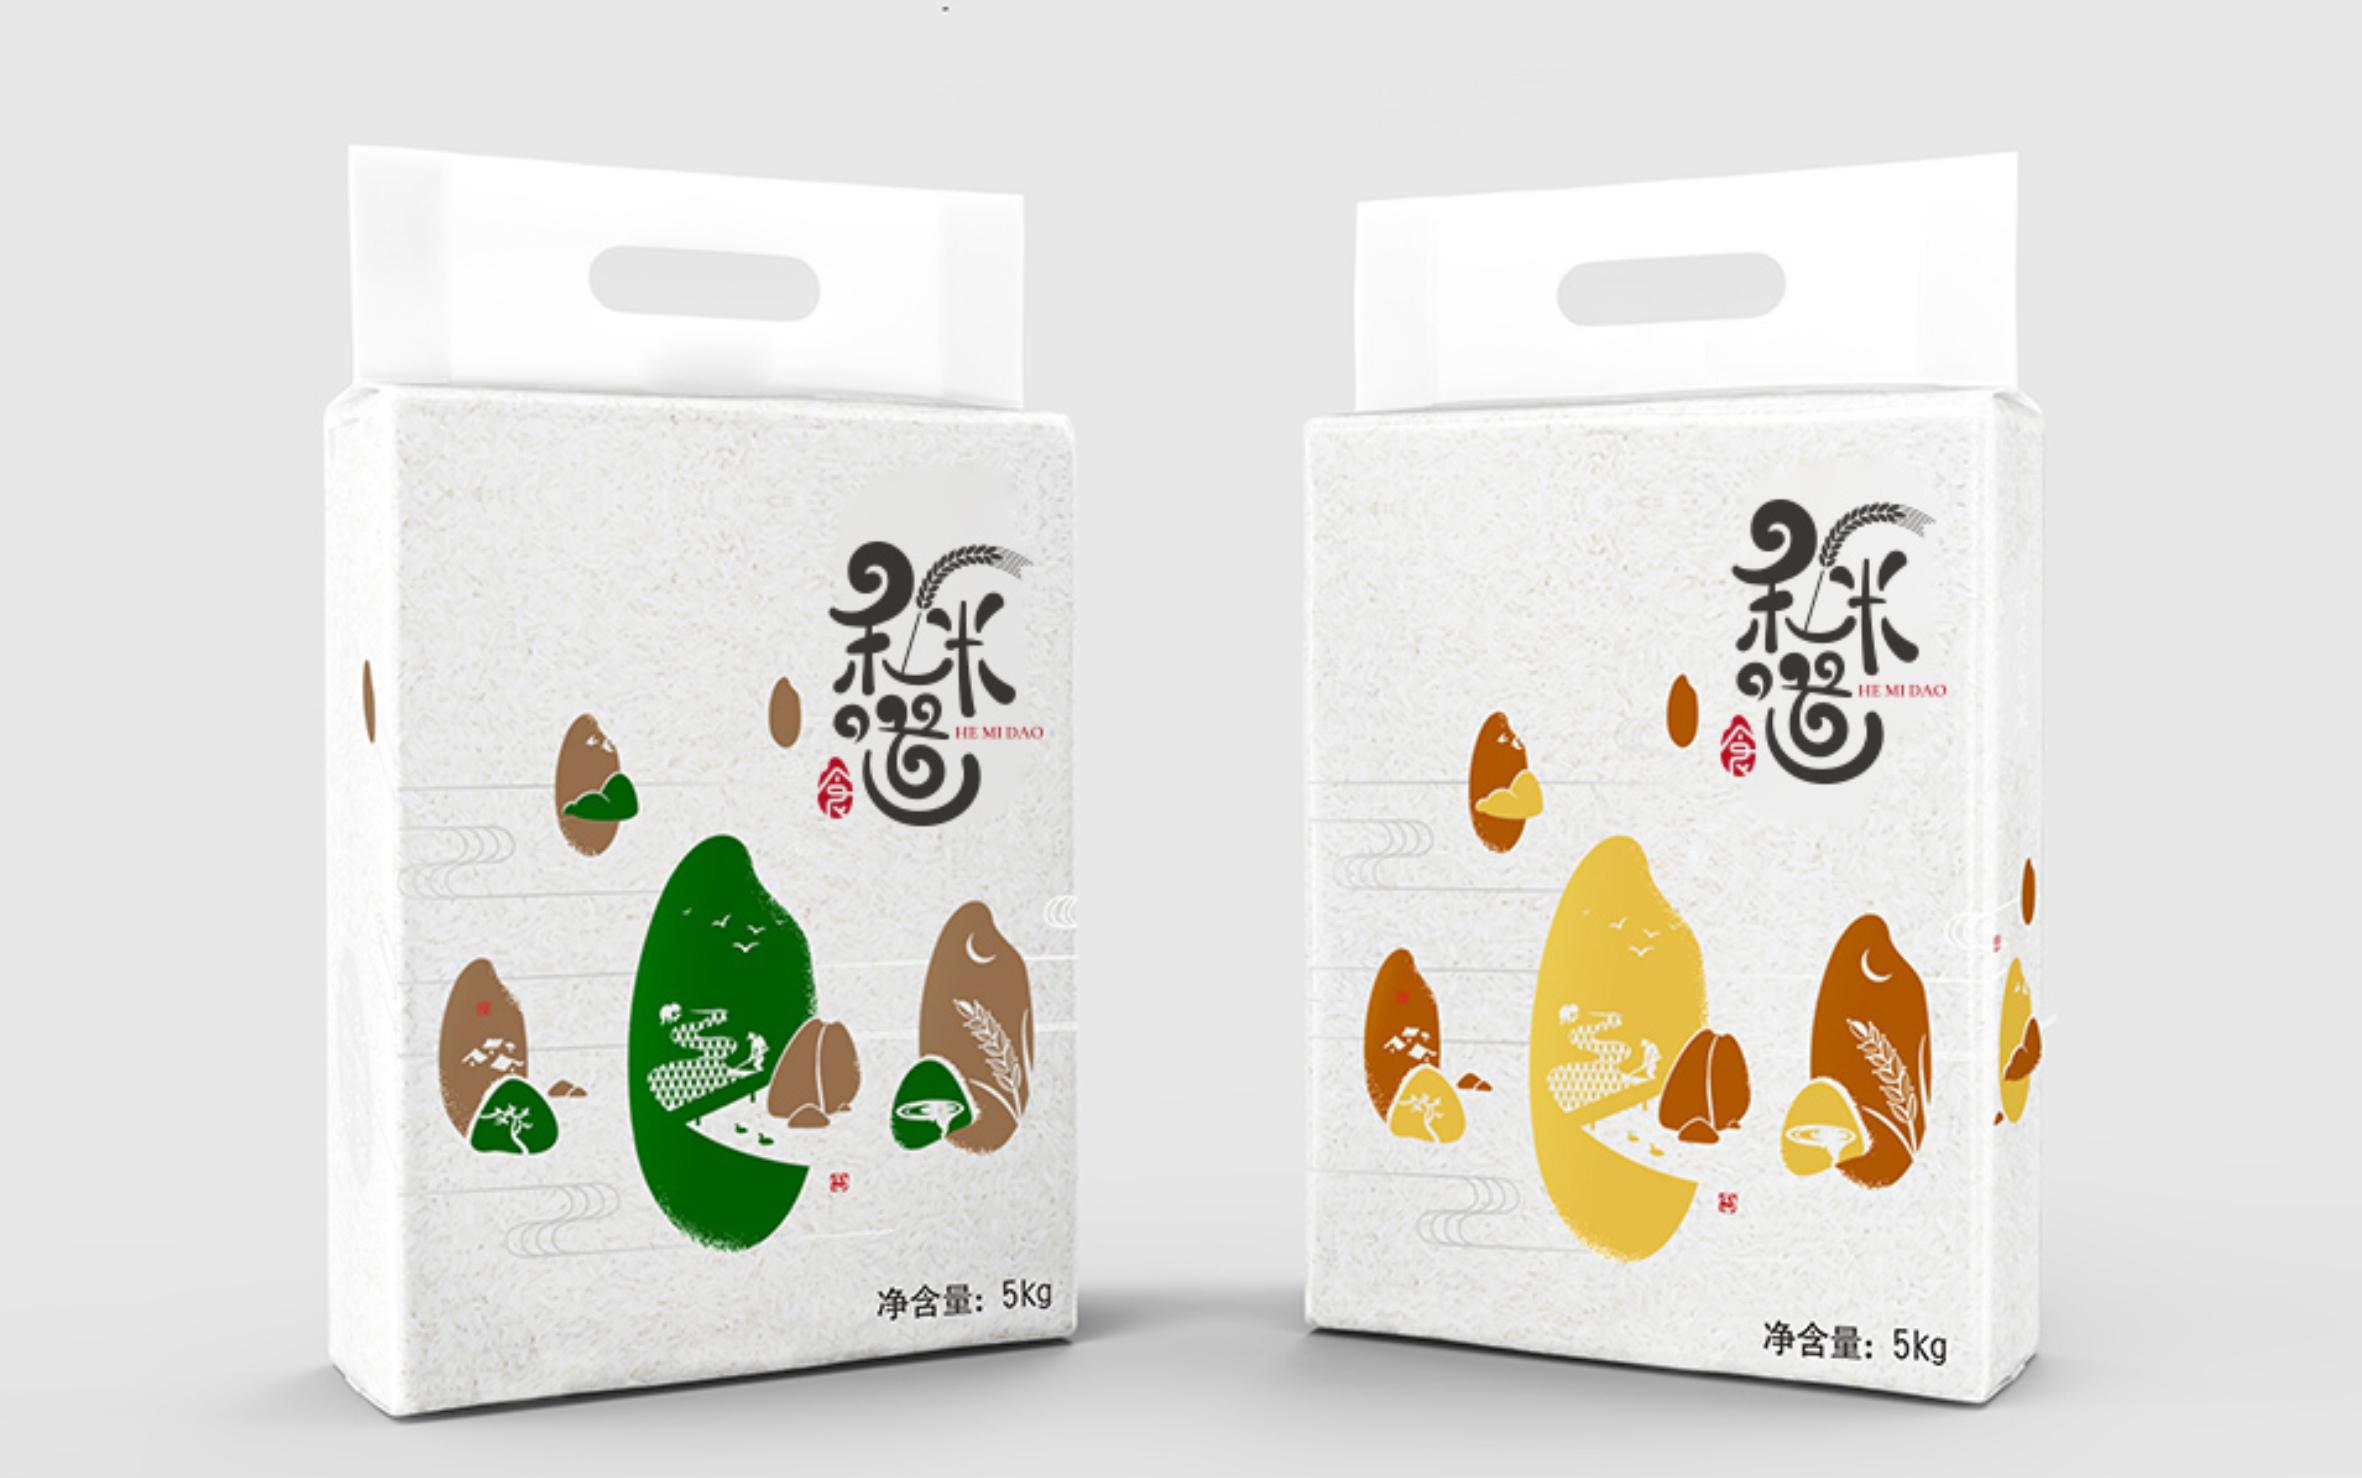 包装盒袋品牌改良瓶型礼盒包装盒包装袋平面包装销售运输礼盒产品